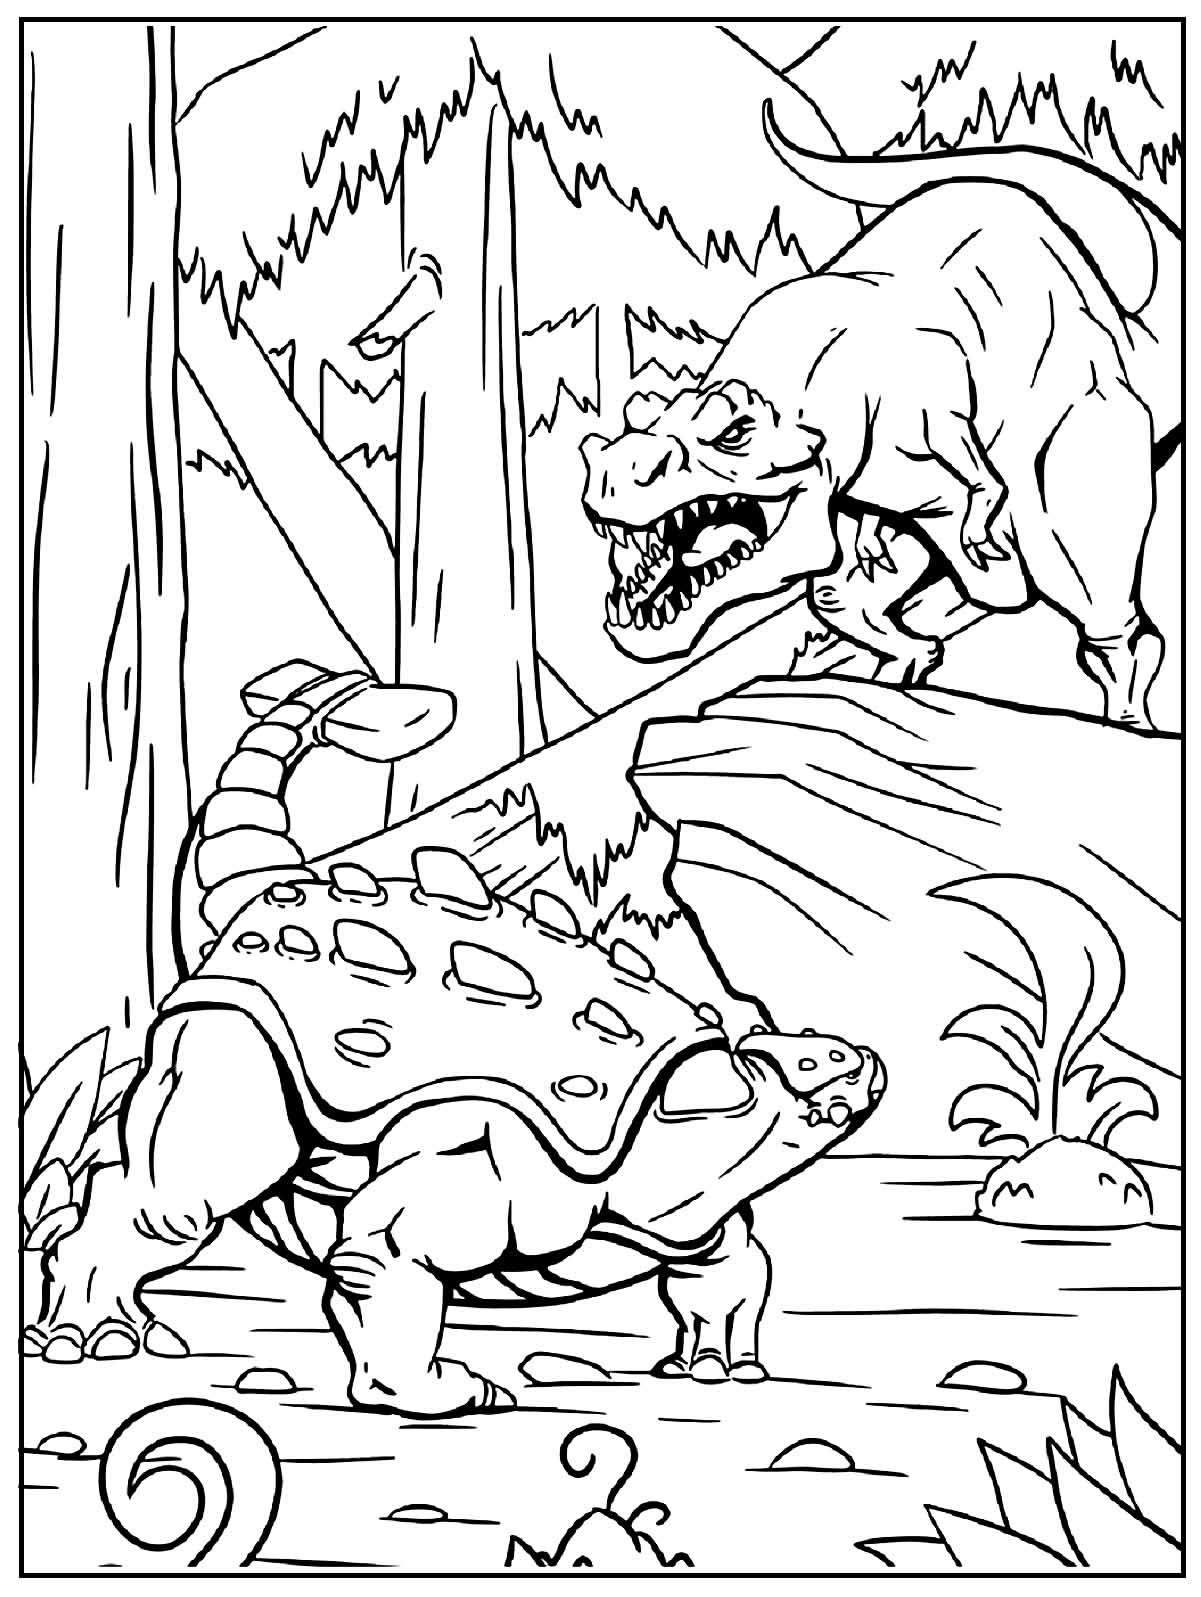 Desenho para colorir de Dinossauros